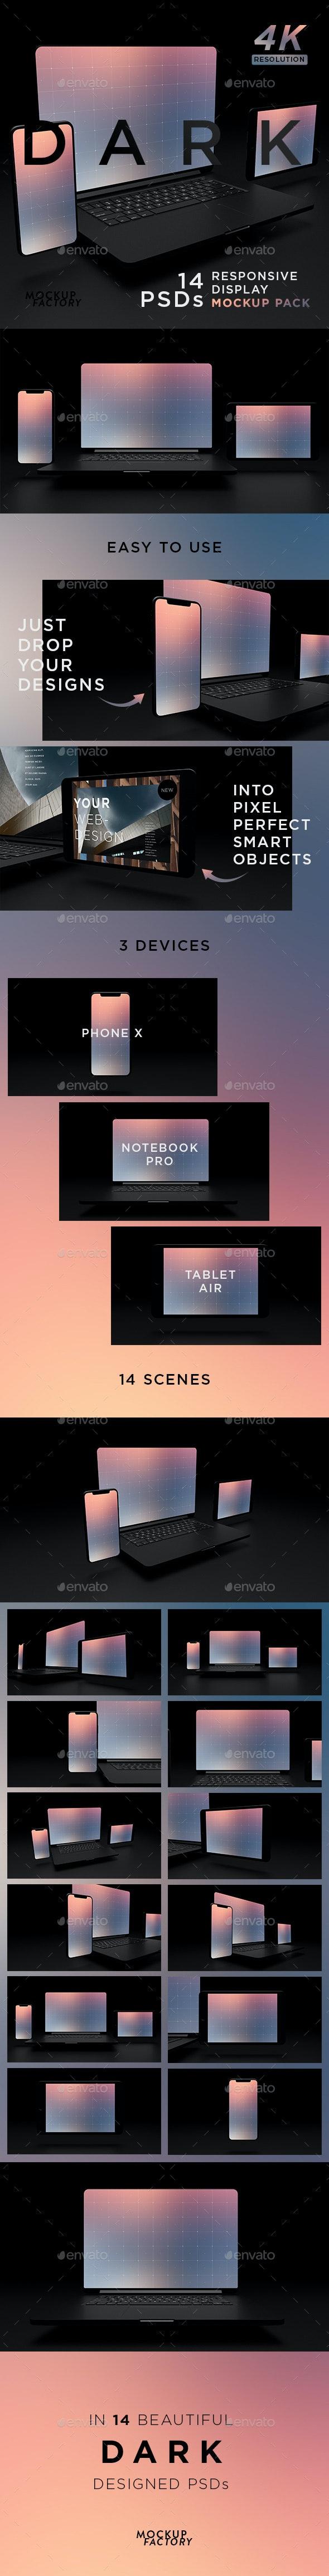 Dark - Responsive Screen Mockup Pack - Monitors Displays